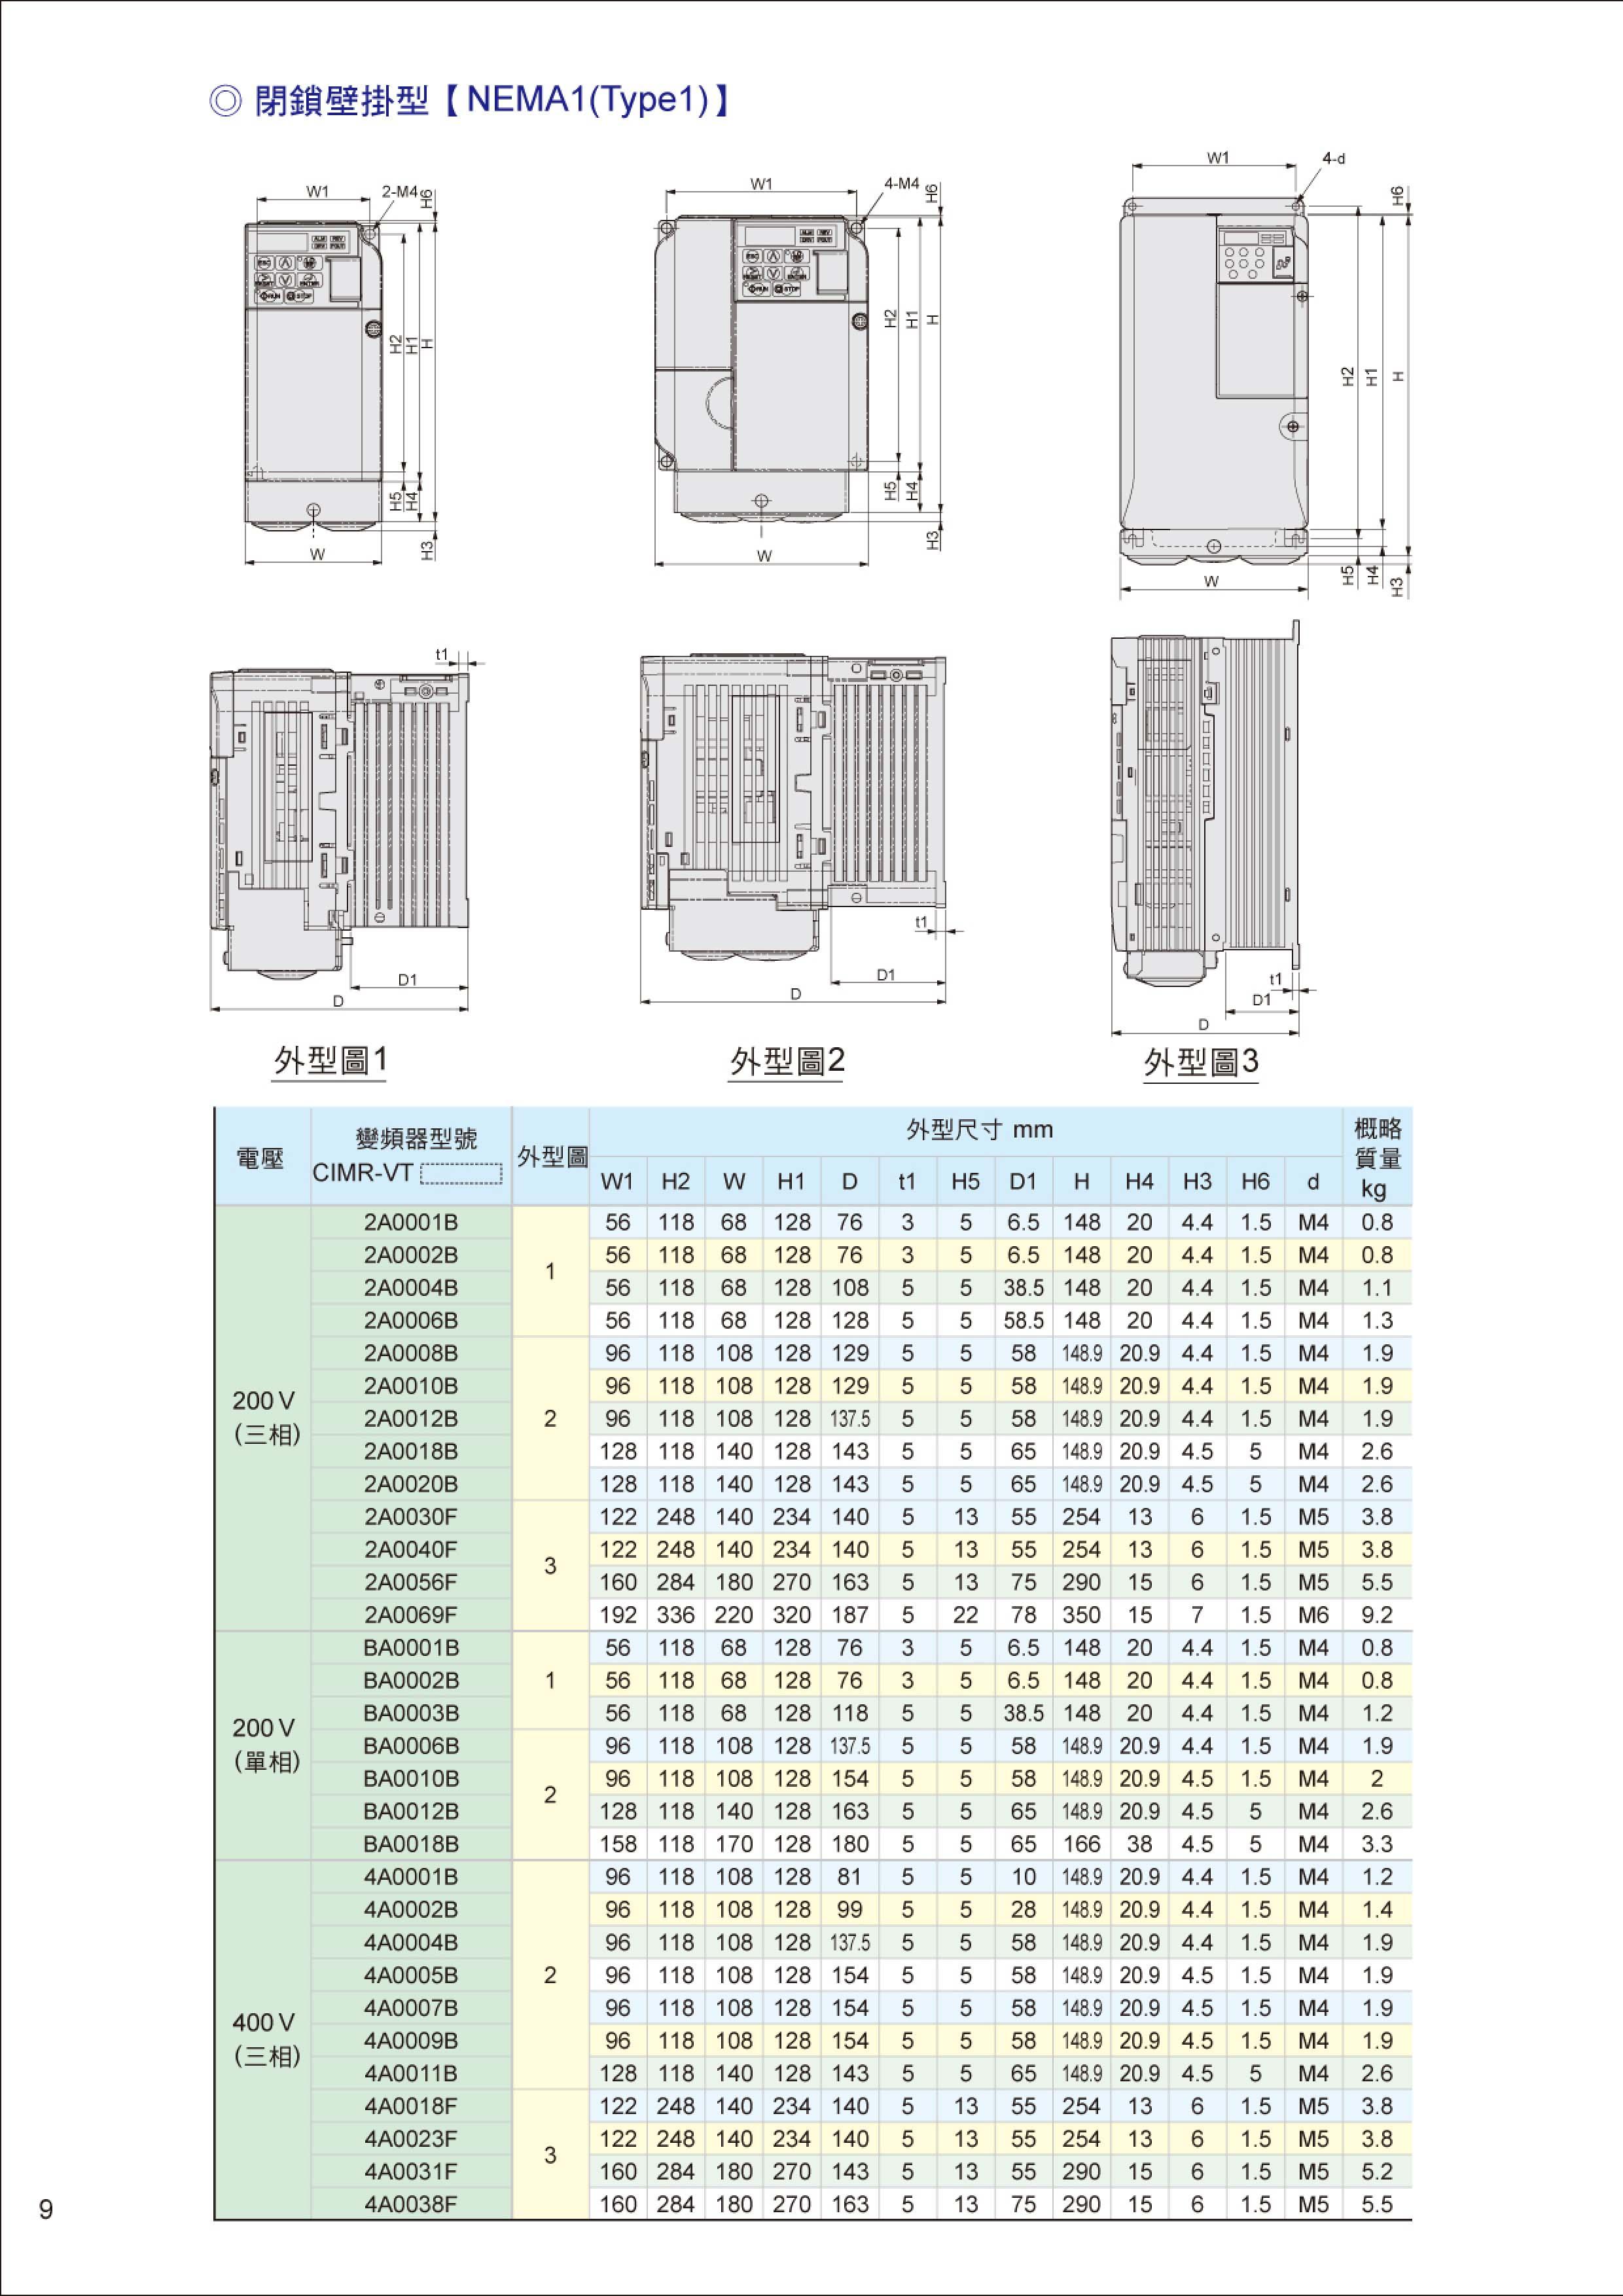 安川變頻器型錄-2012-07-10